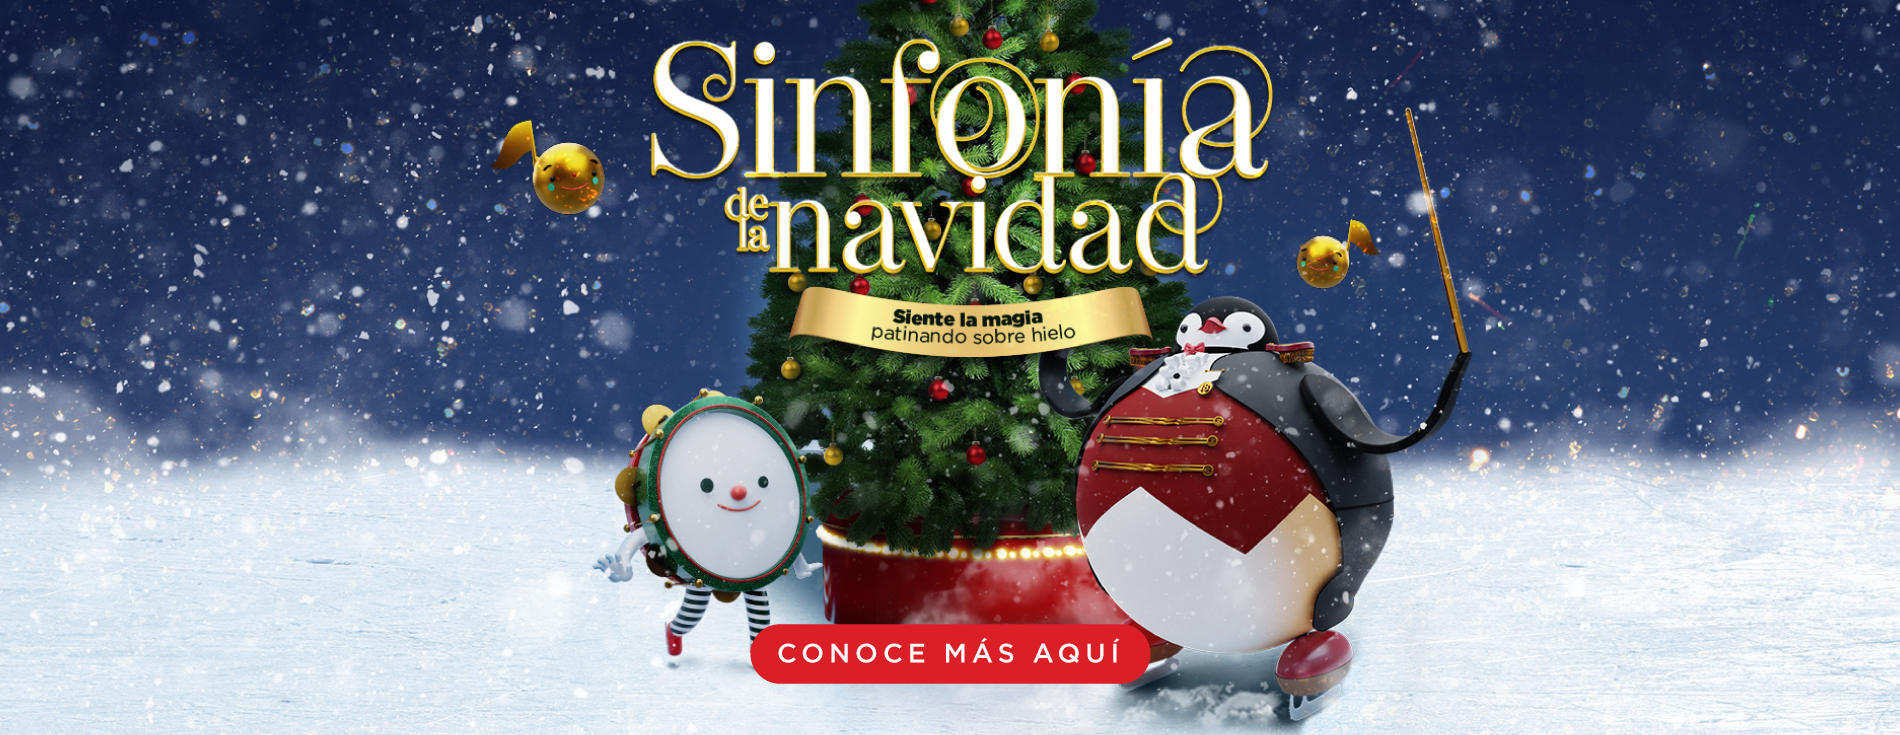 Sinfonía de navidad - Tunja